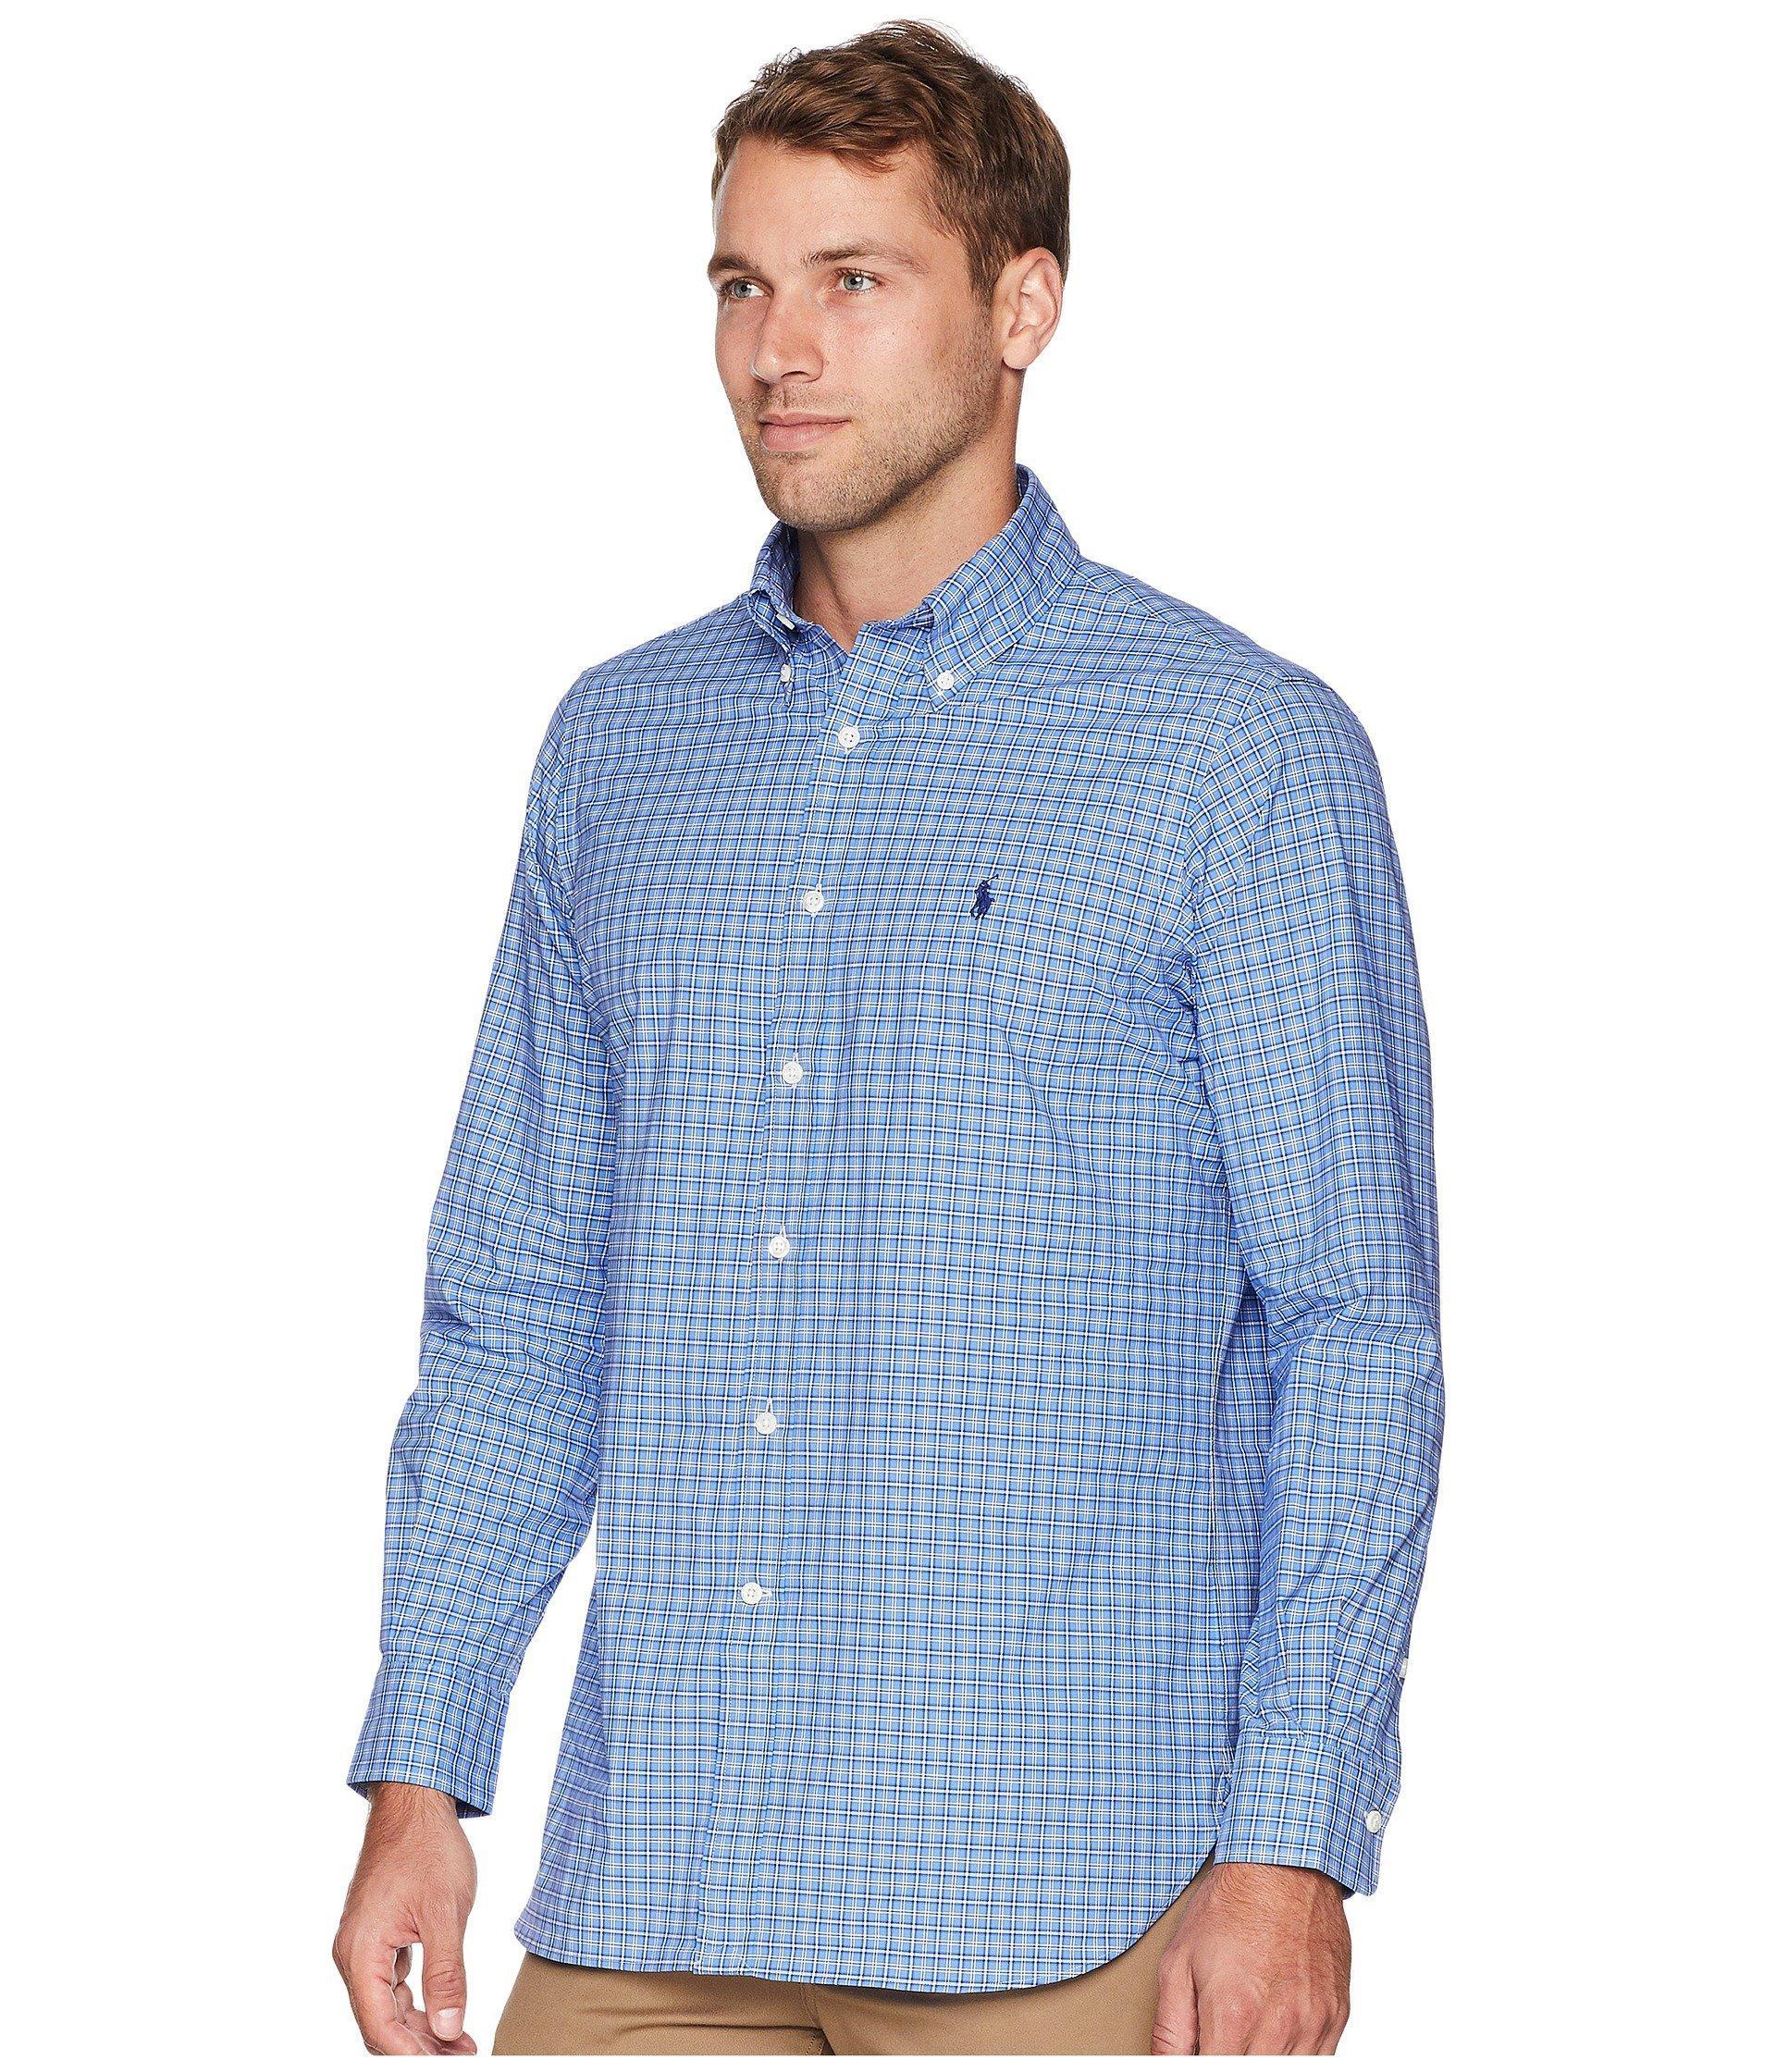 f074b7fba0 Lyst - Polo Ralph Lauren Classic Fit Luxury Poplin in Blue for Men